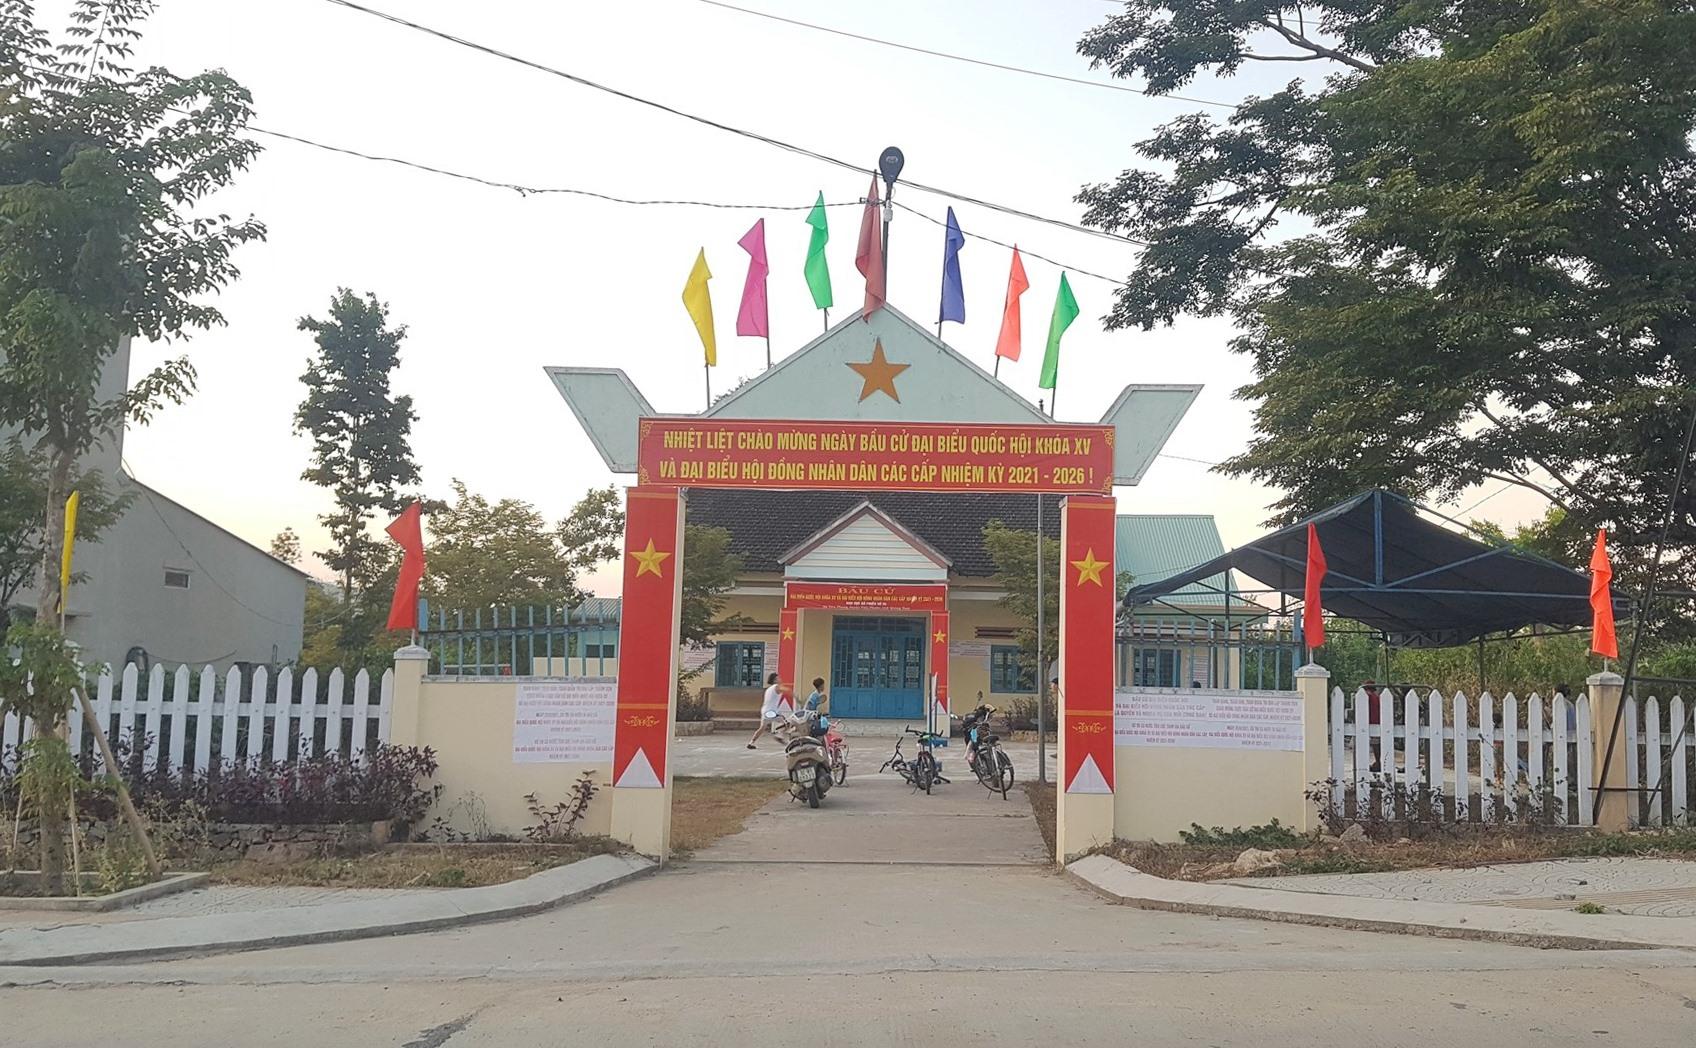 Một khu vực bỏ phiếu của Tiên Phước được trang trí xong từ chiều 21.5. Ảnh: D.L